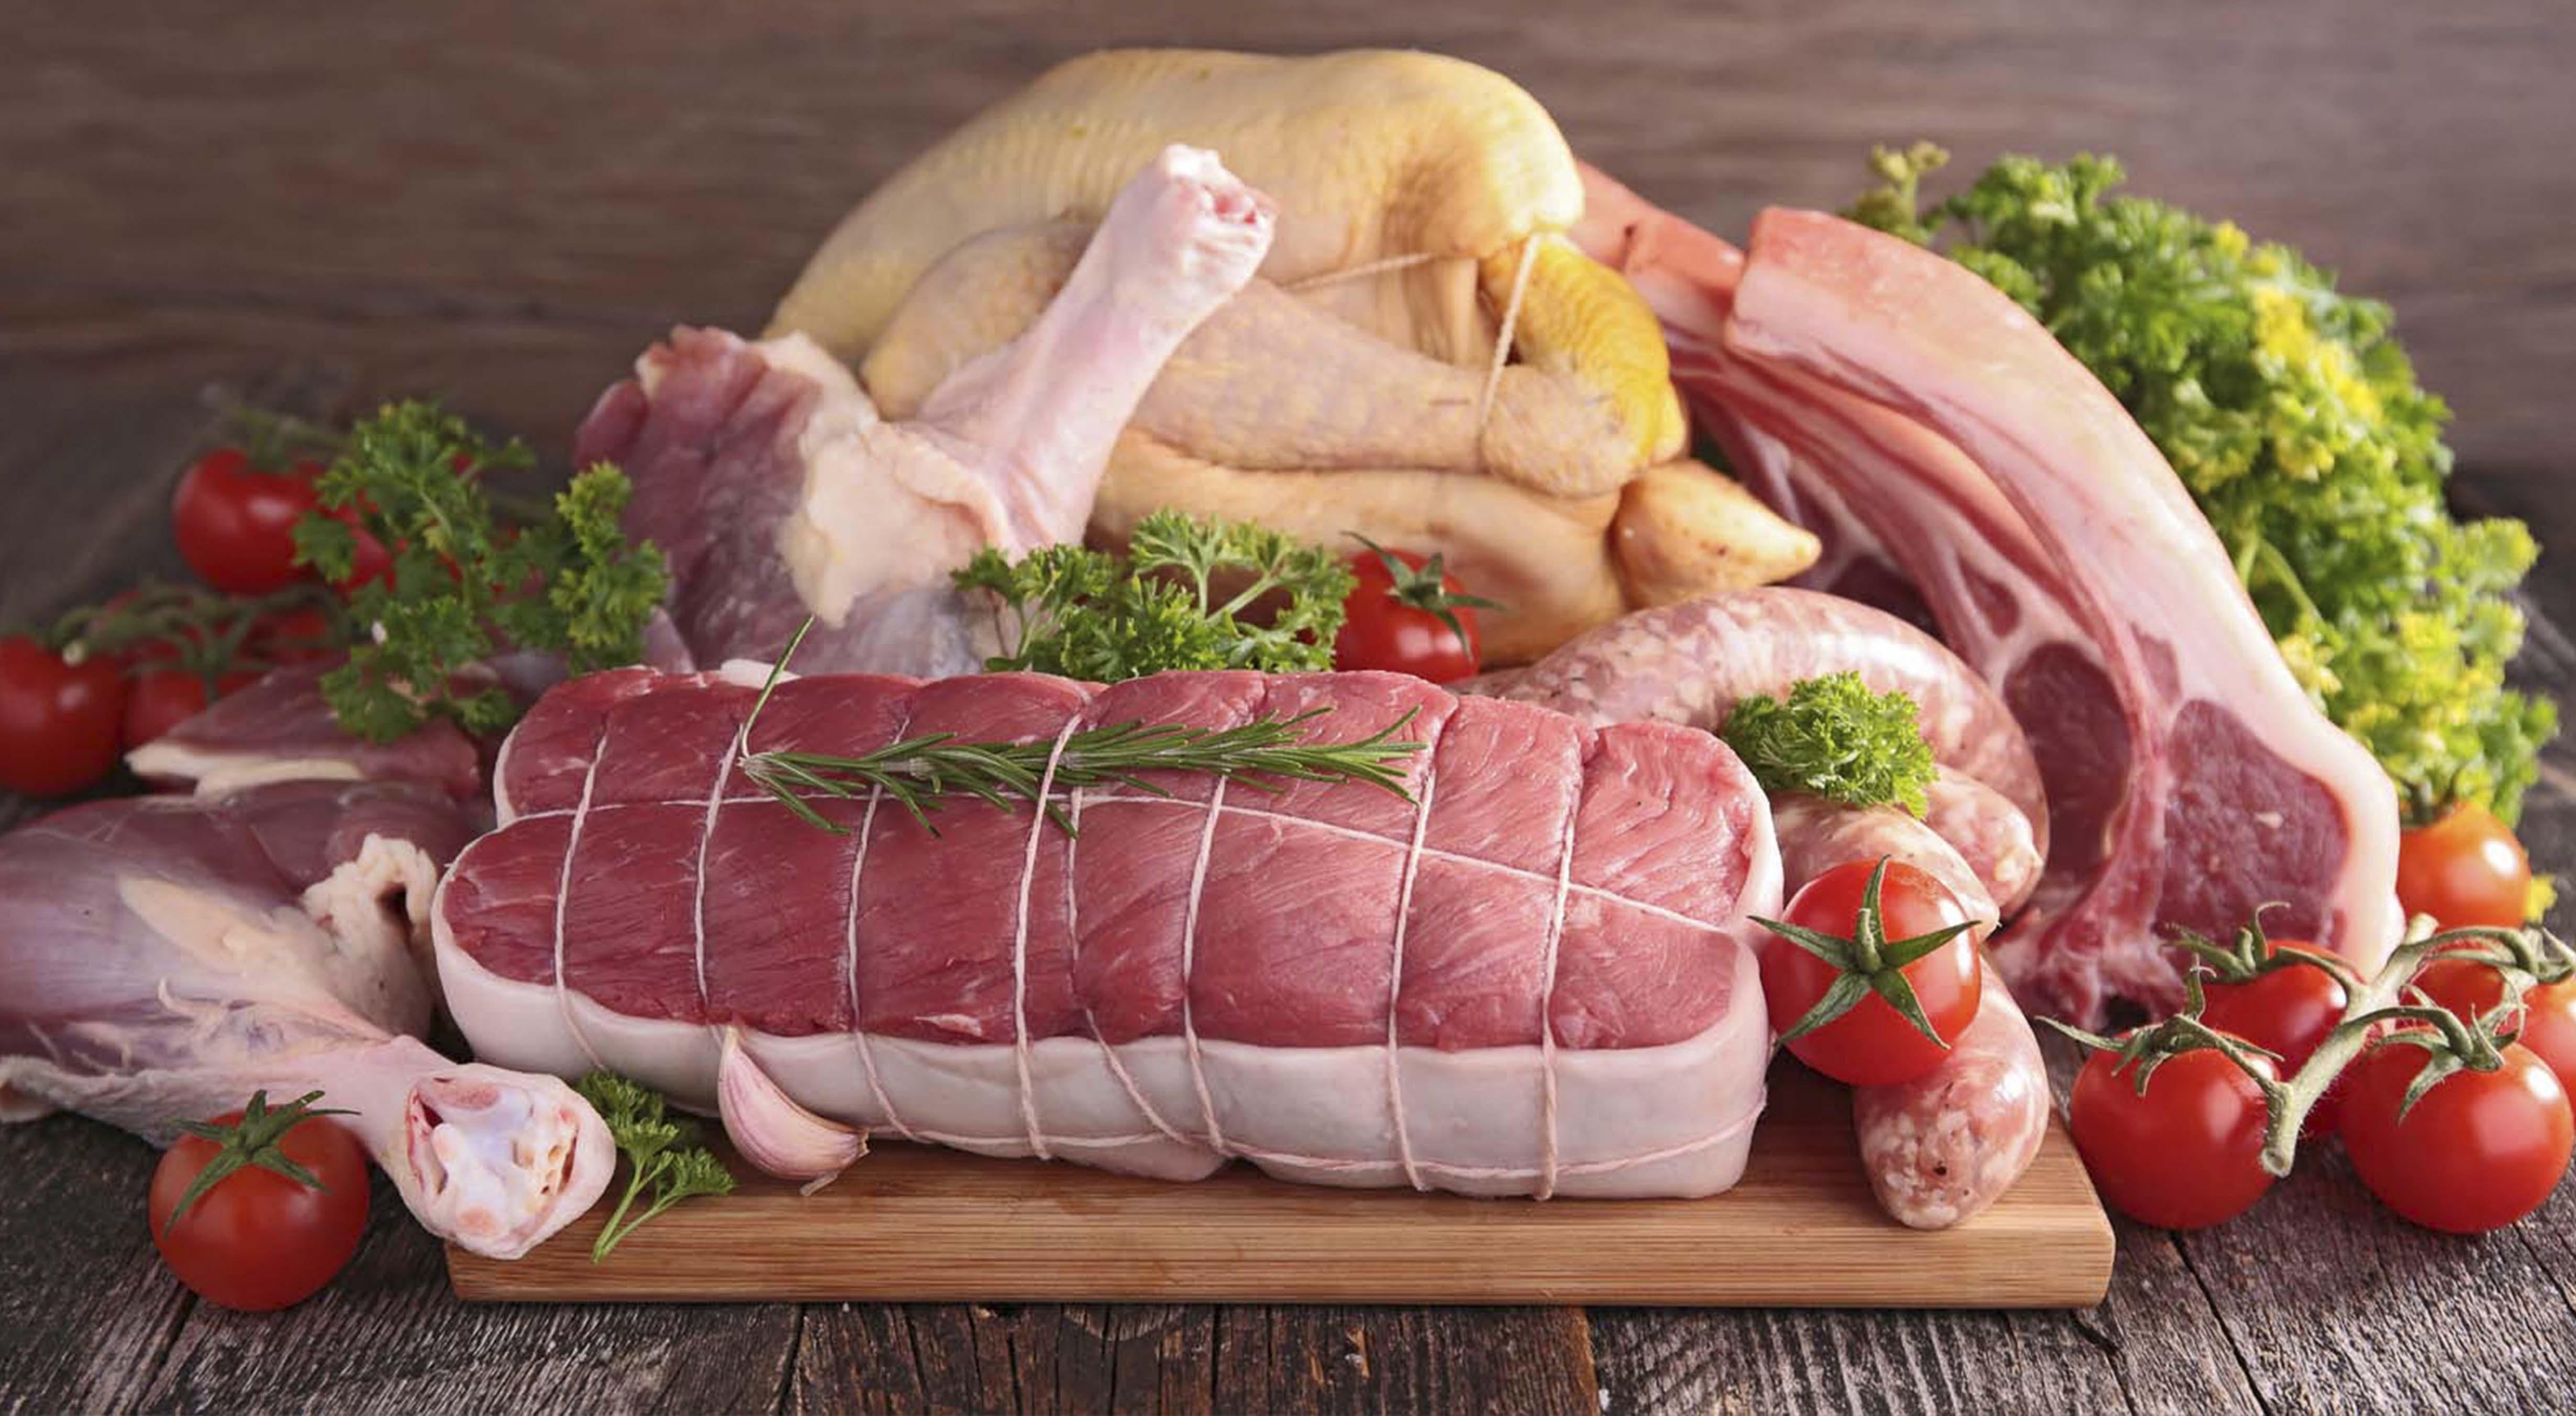 tagliere in legno con carne rossa di pollo pomodori e insalata